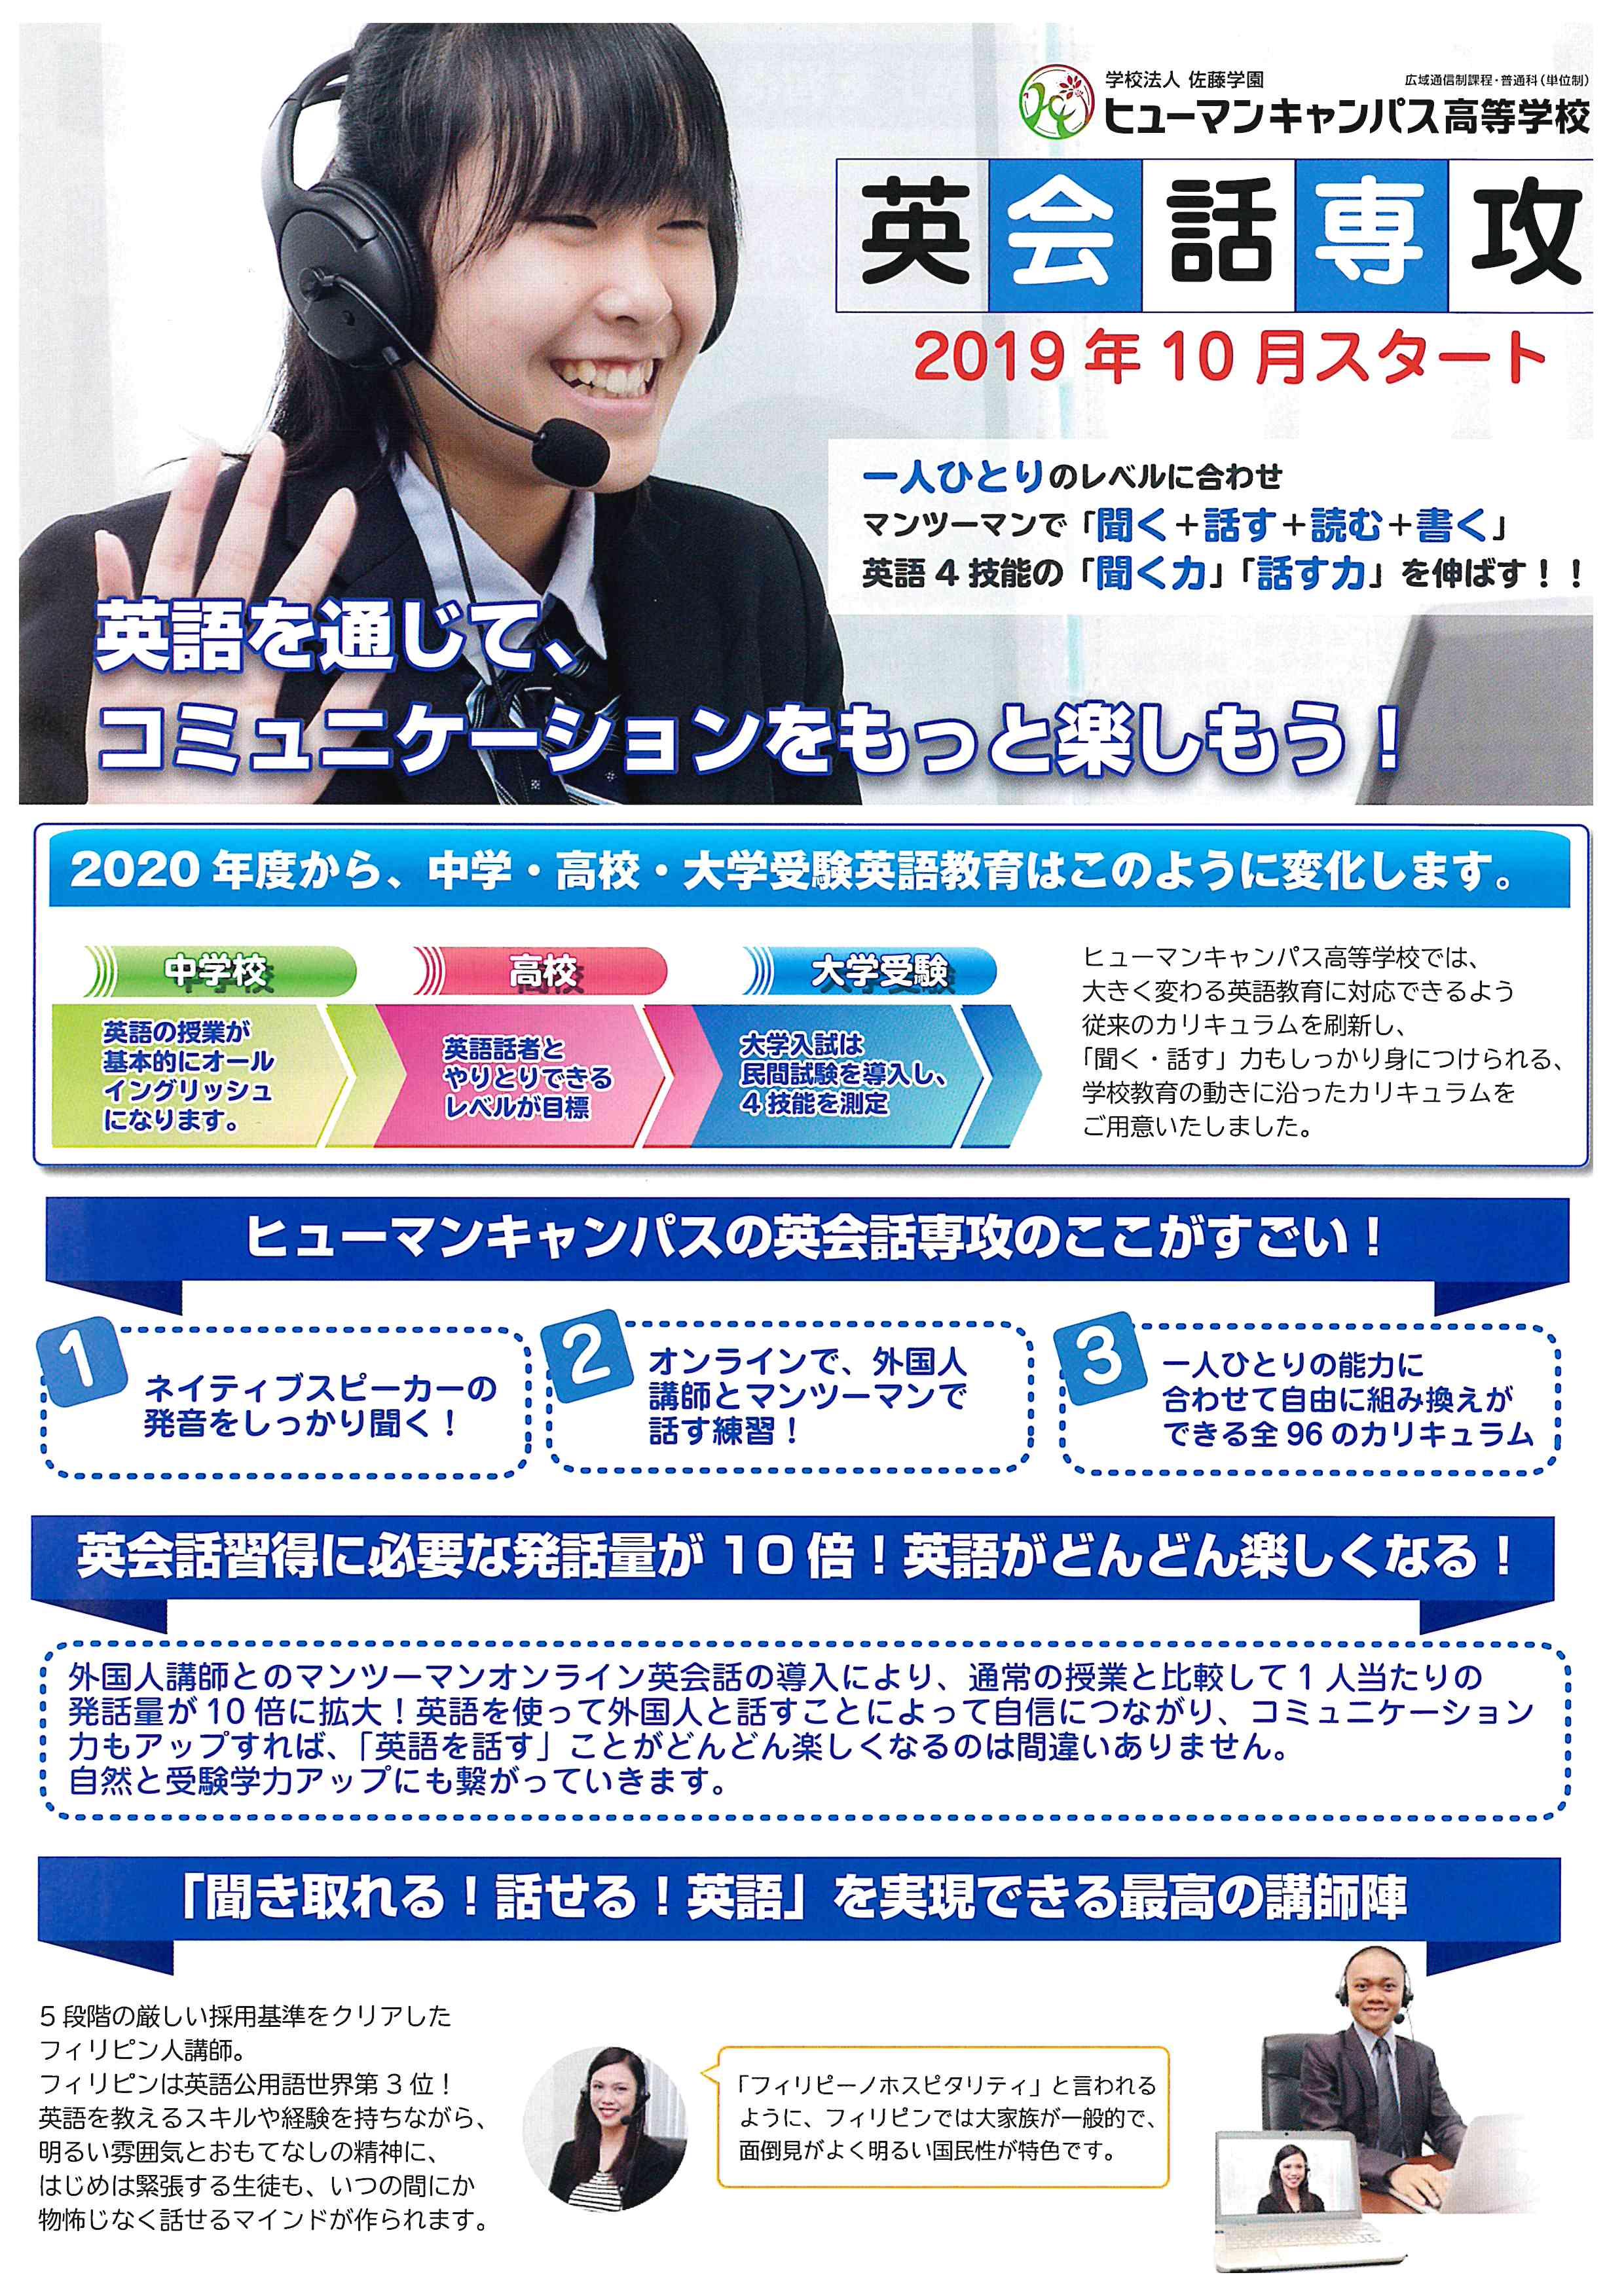 【福岡】5/19(水)英会話体験+説明会☆